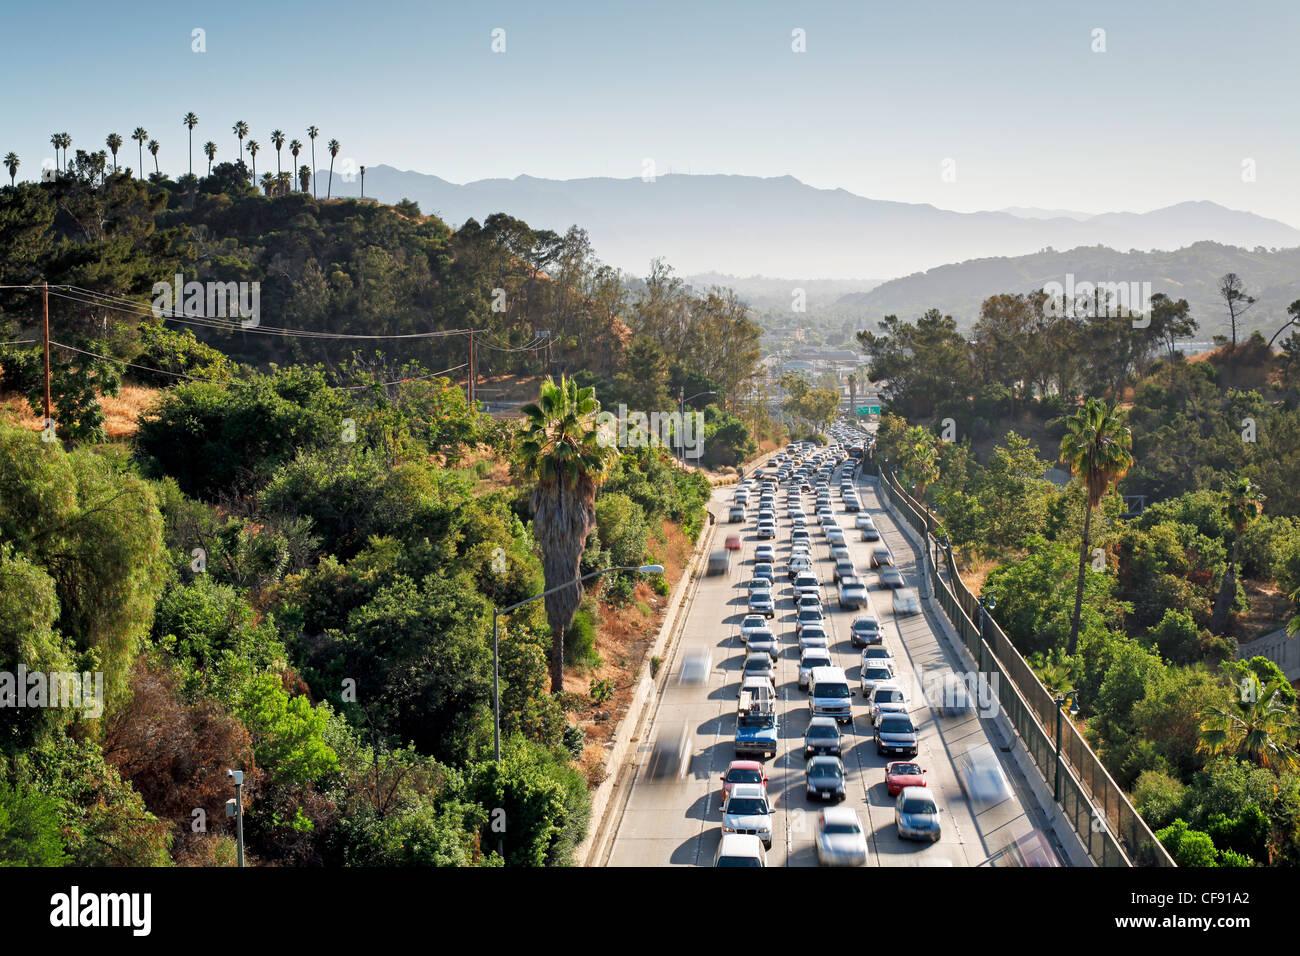 Pasadena Freeway (CA autostrada 110) che conduce al centro di Los Angeles, California, Stati Uniti d'America Immagini Stock